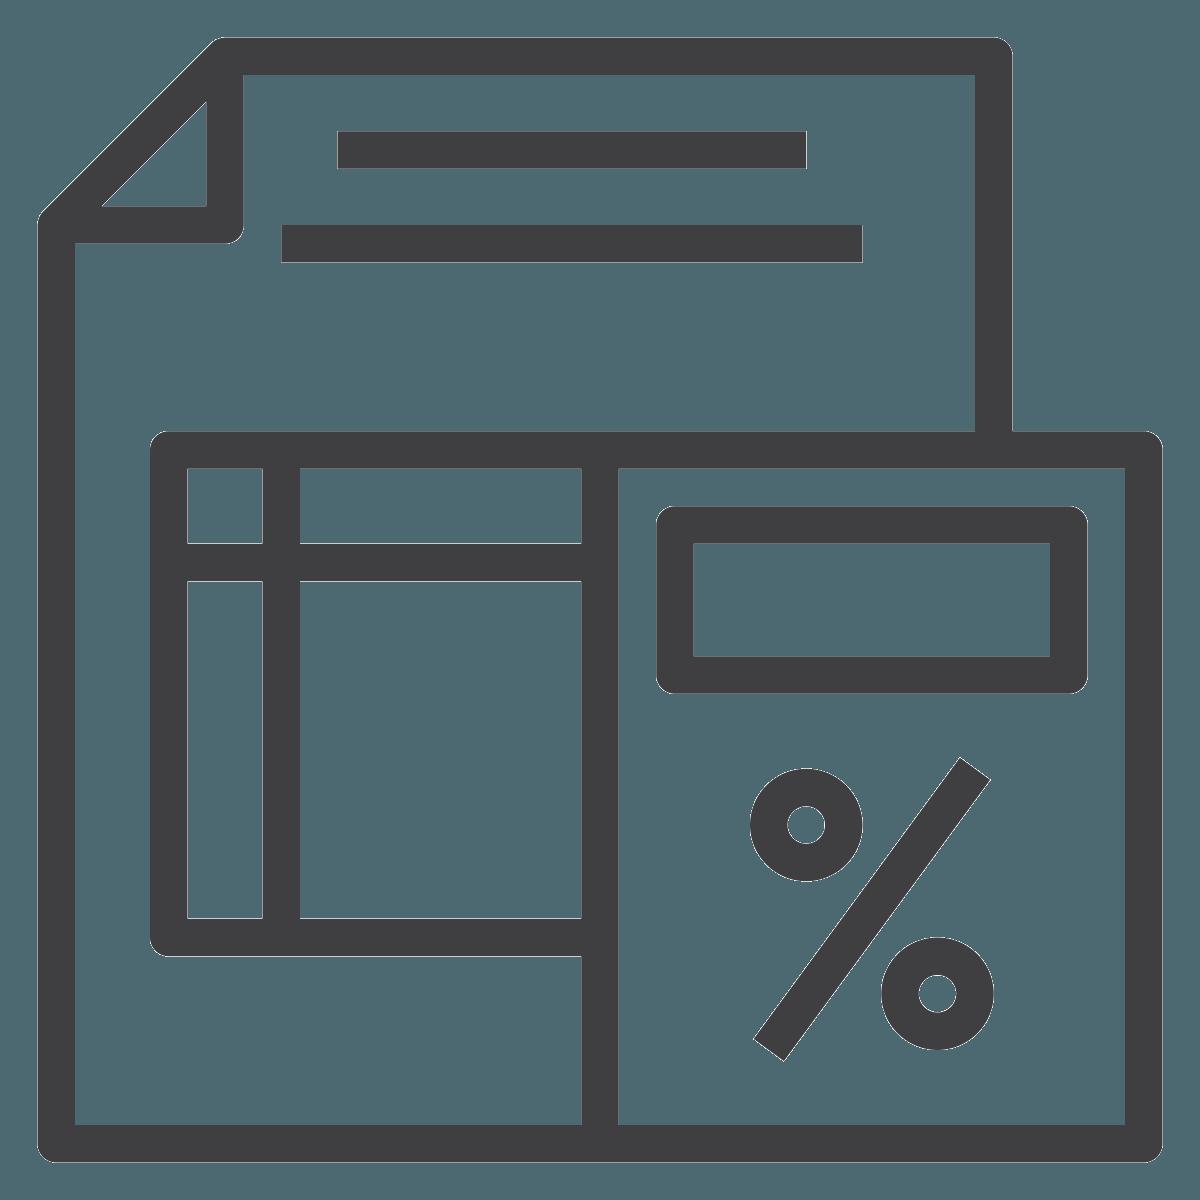 外國買家指南